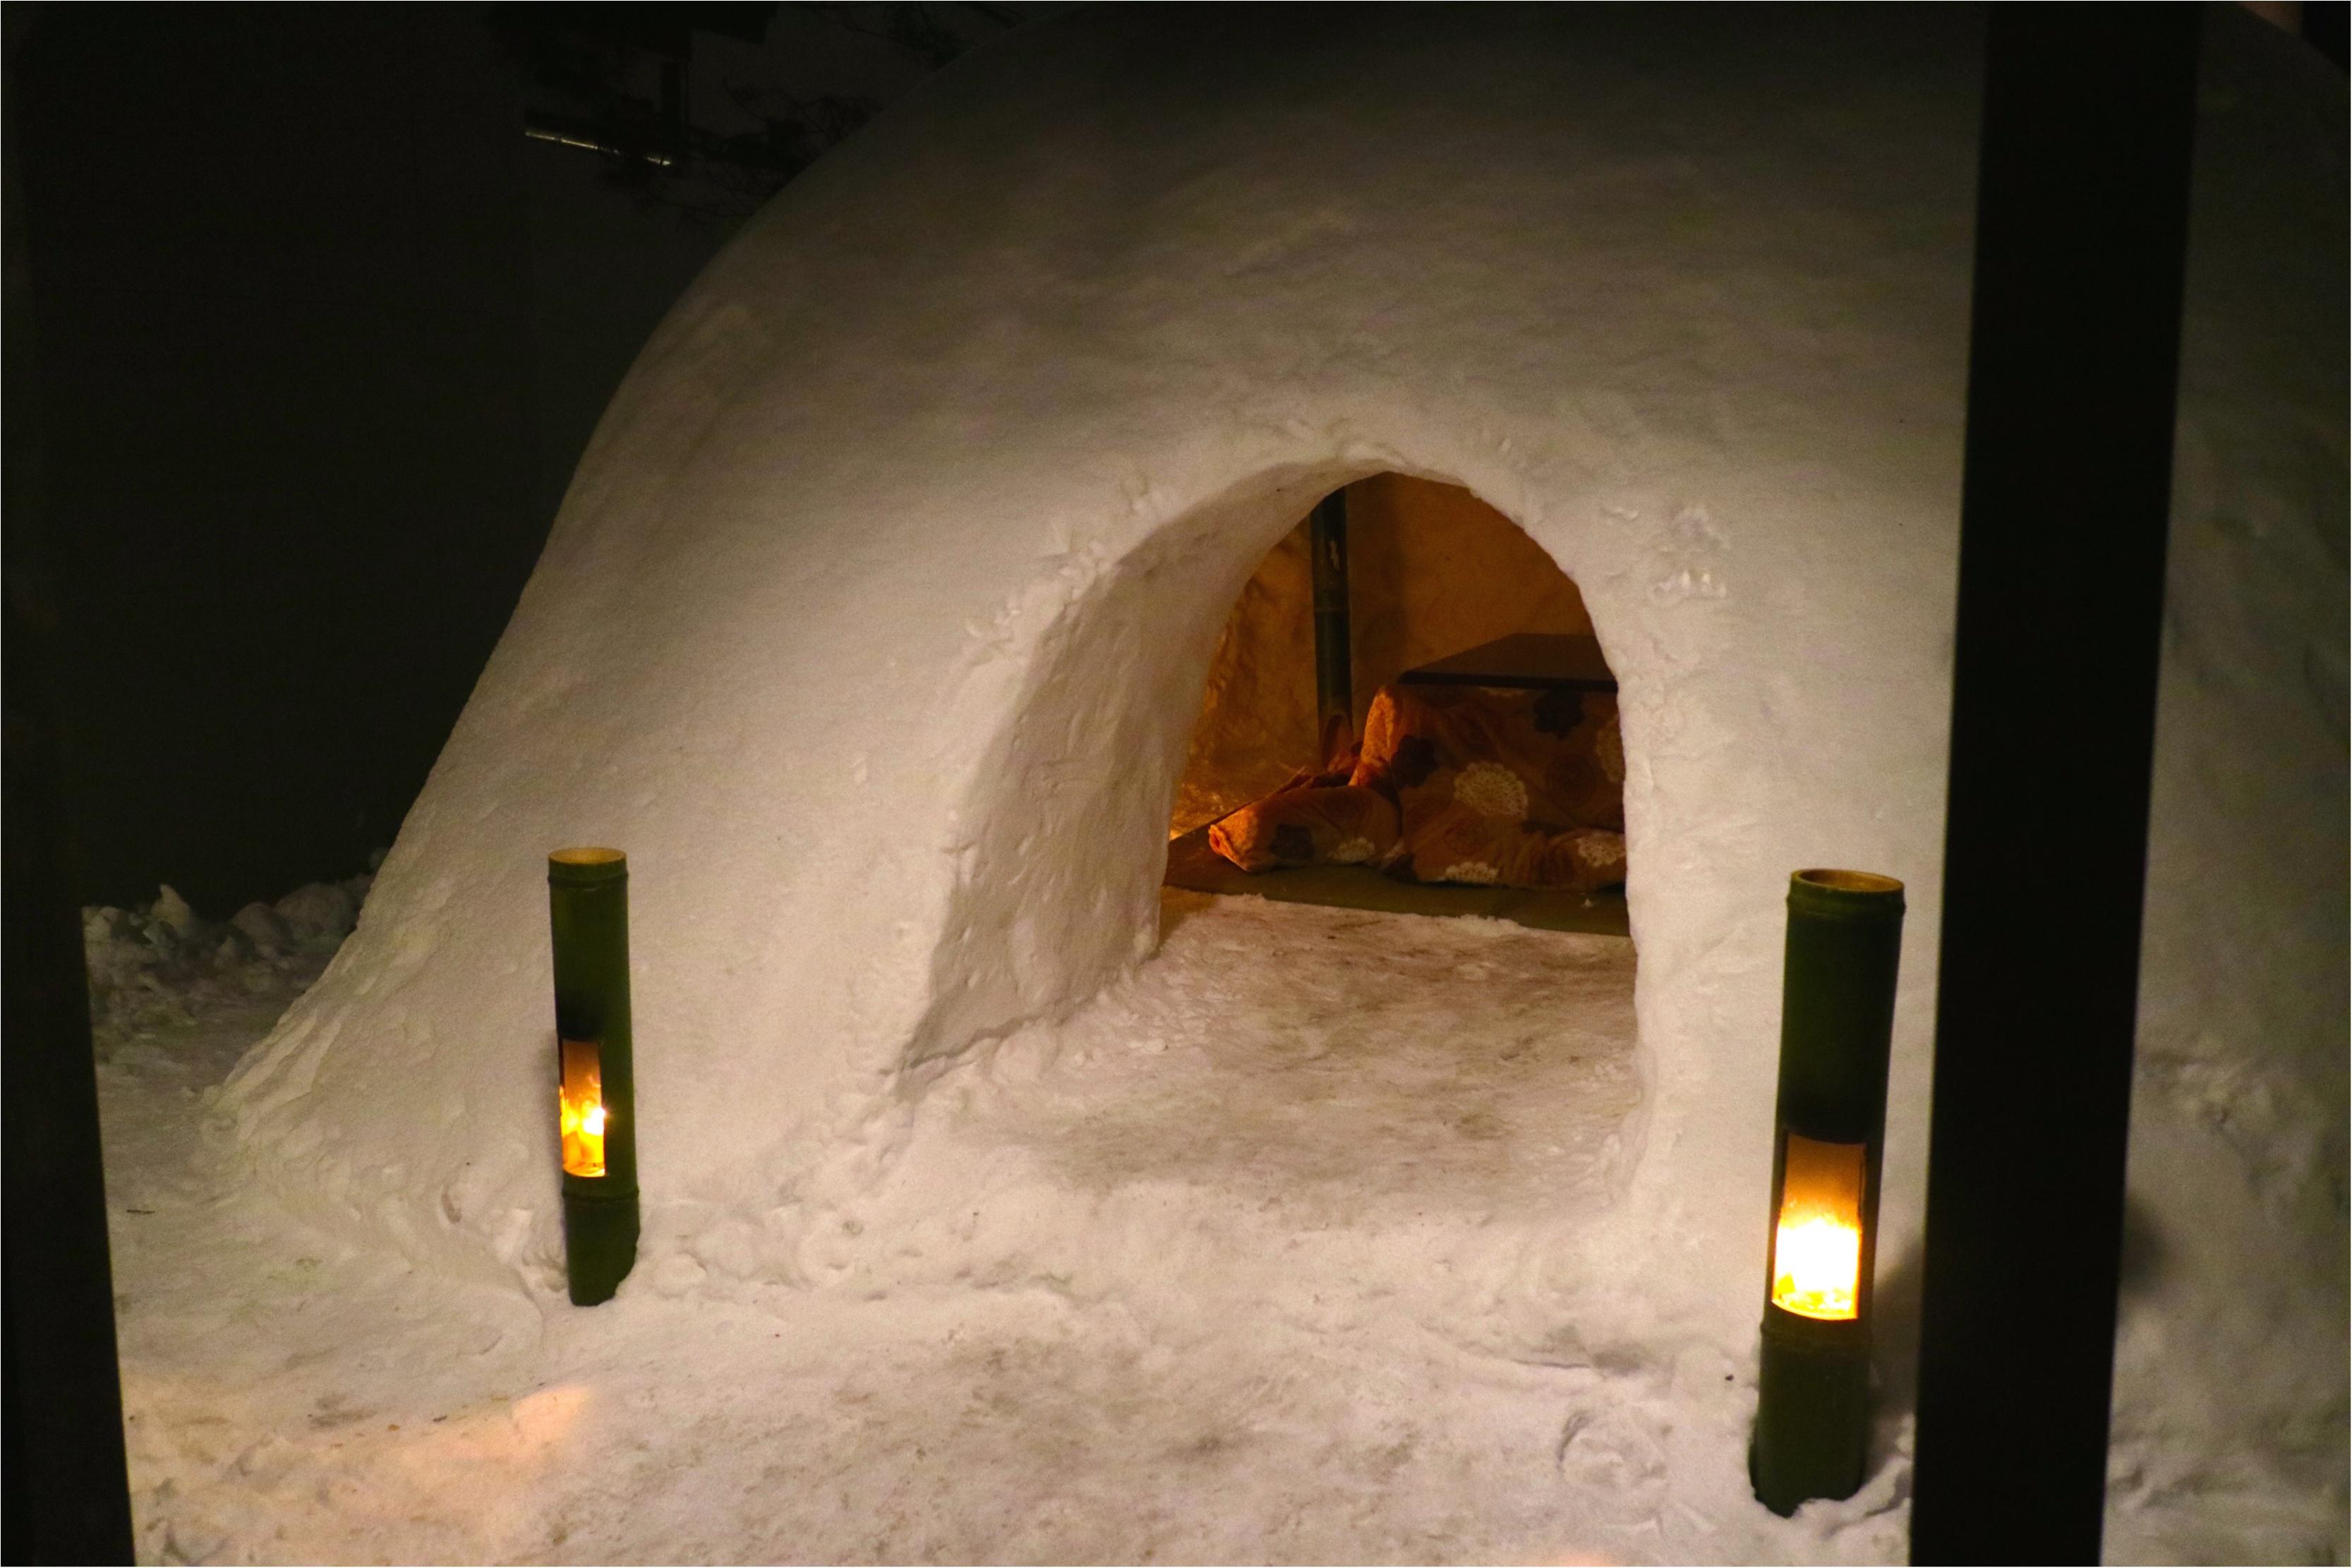 囲炉裏や温泉、かまくらも! 再開業した『星野リゾート 界 アルプス』で贅沢な田舎を体験♡_8